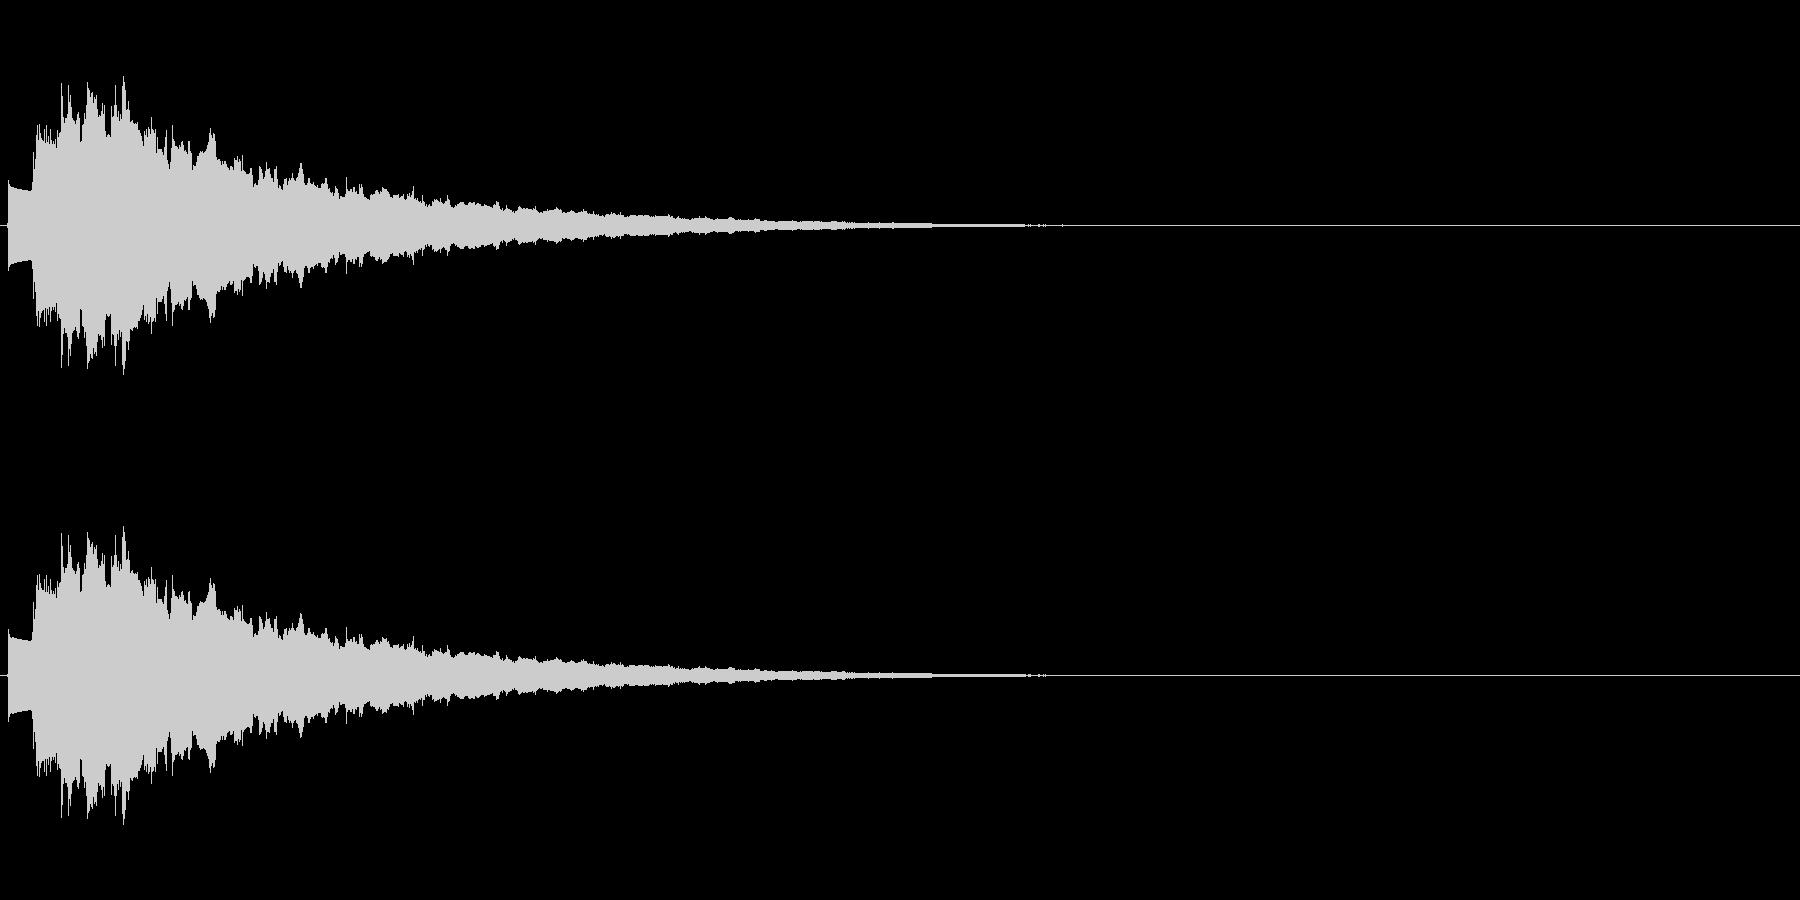 キラキラ…(決定音、綺麗、下降)の未再生の波形